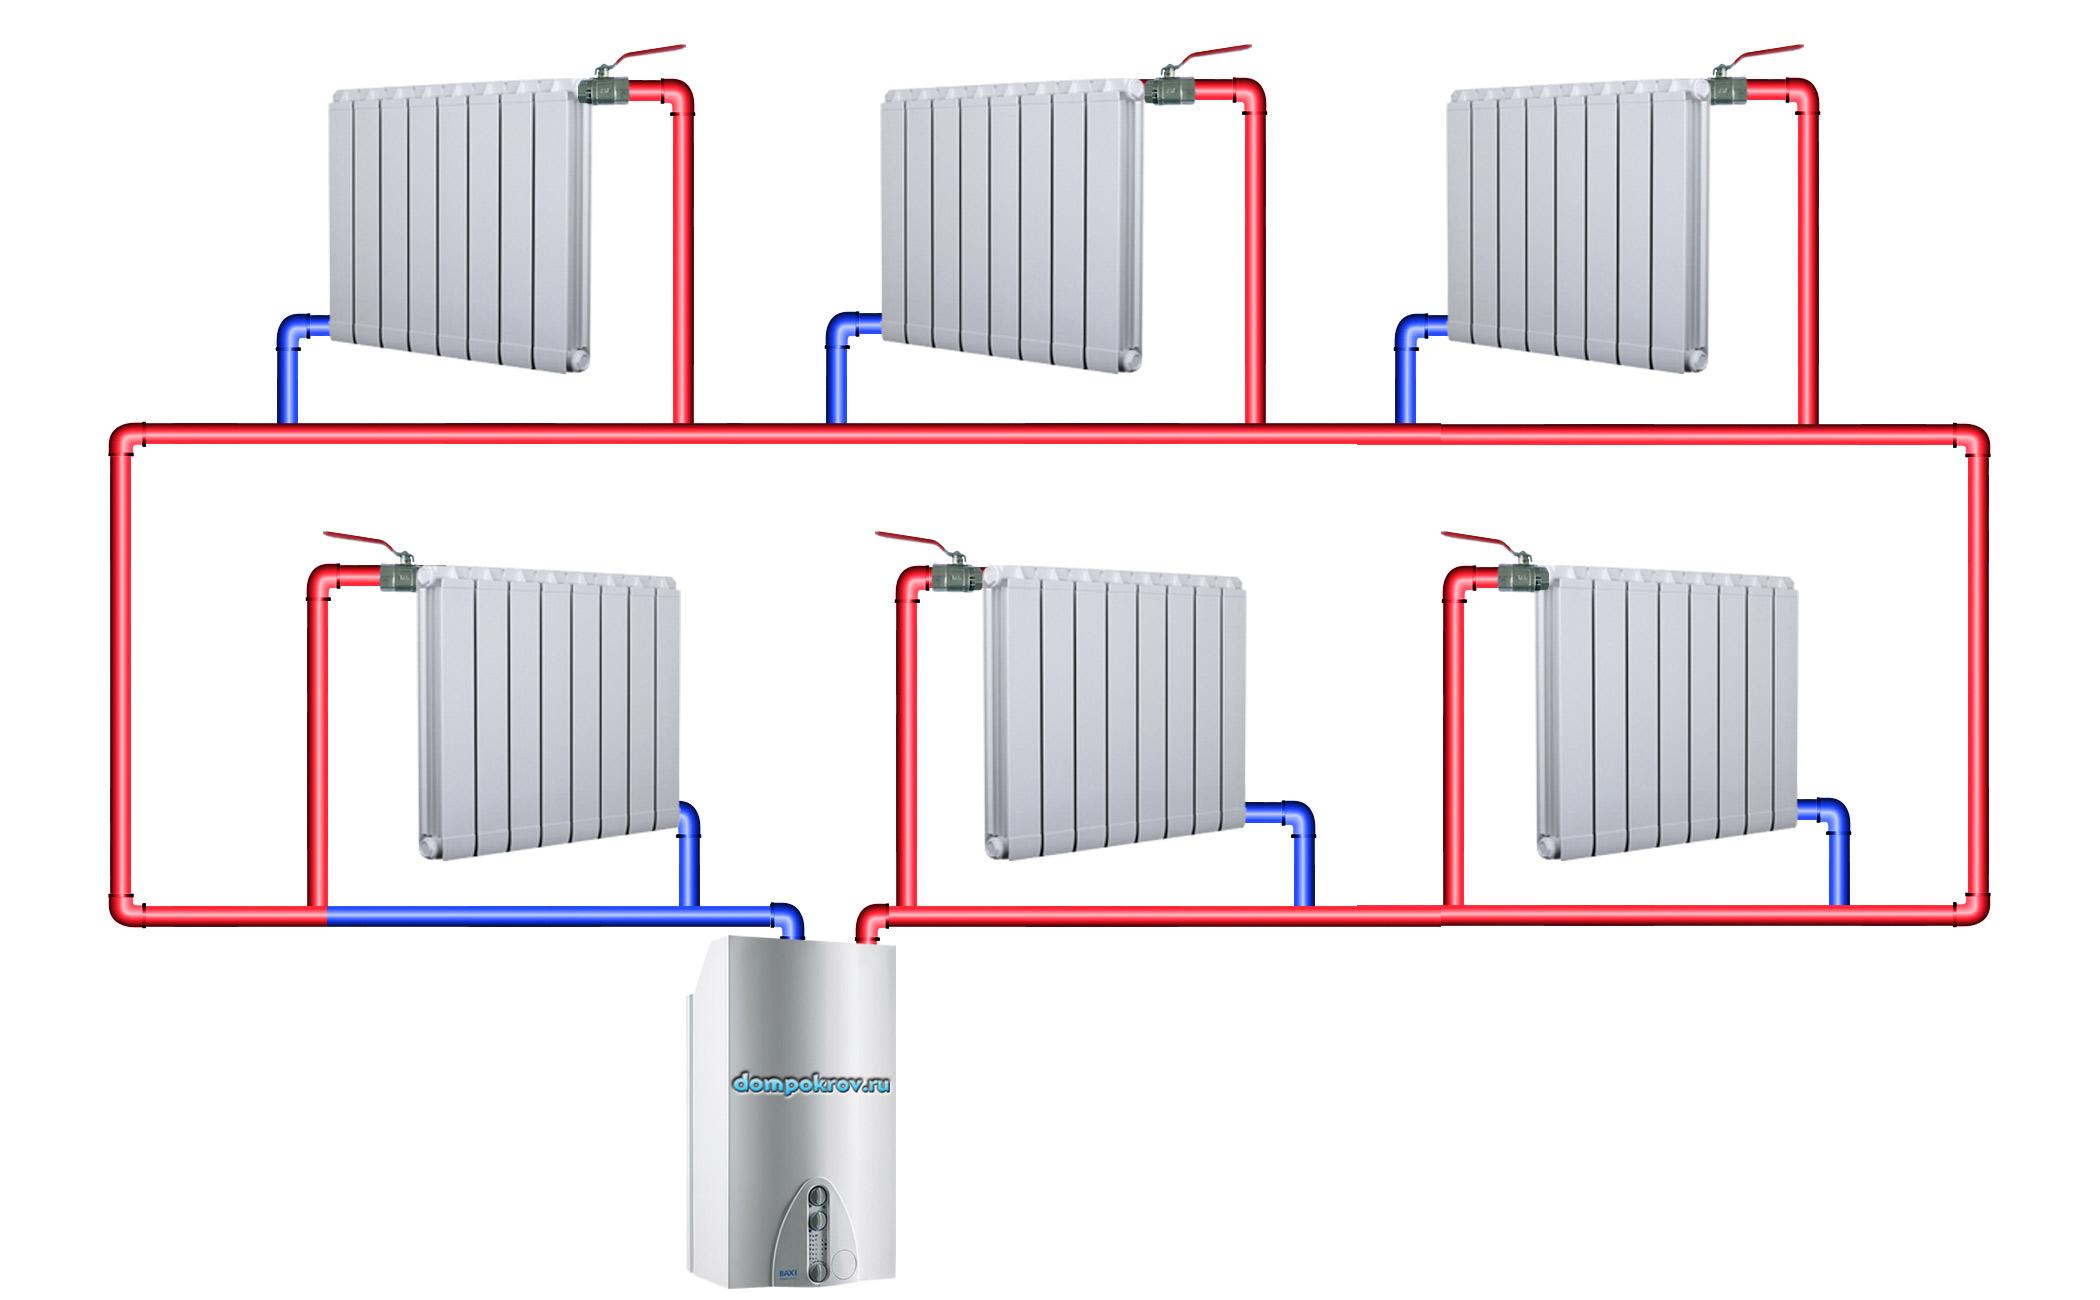 sistema-otopleniya-generator-izluchatelj-i-truboprovod.jpg